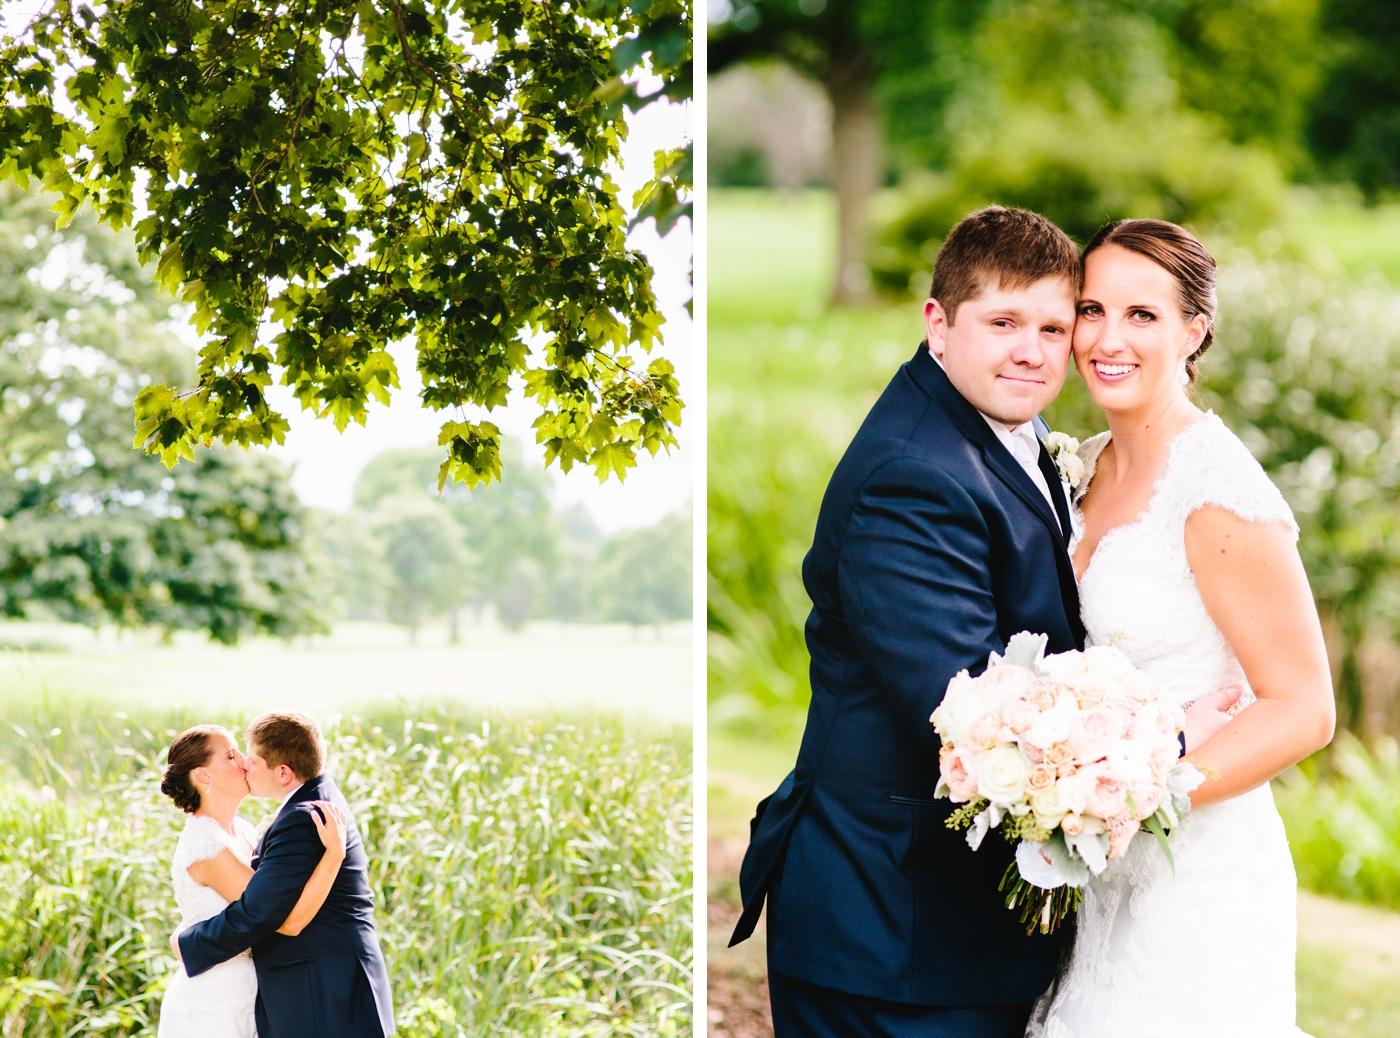 chicago-fine-art-wedding-photography-neuendank32